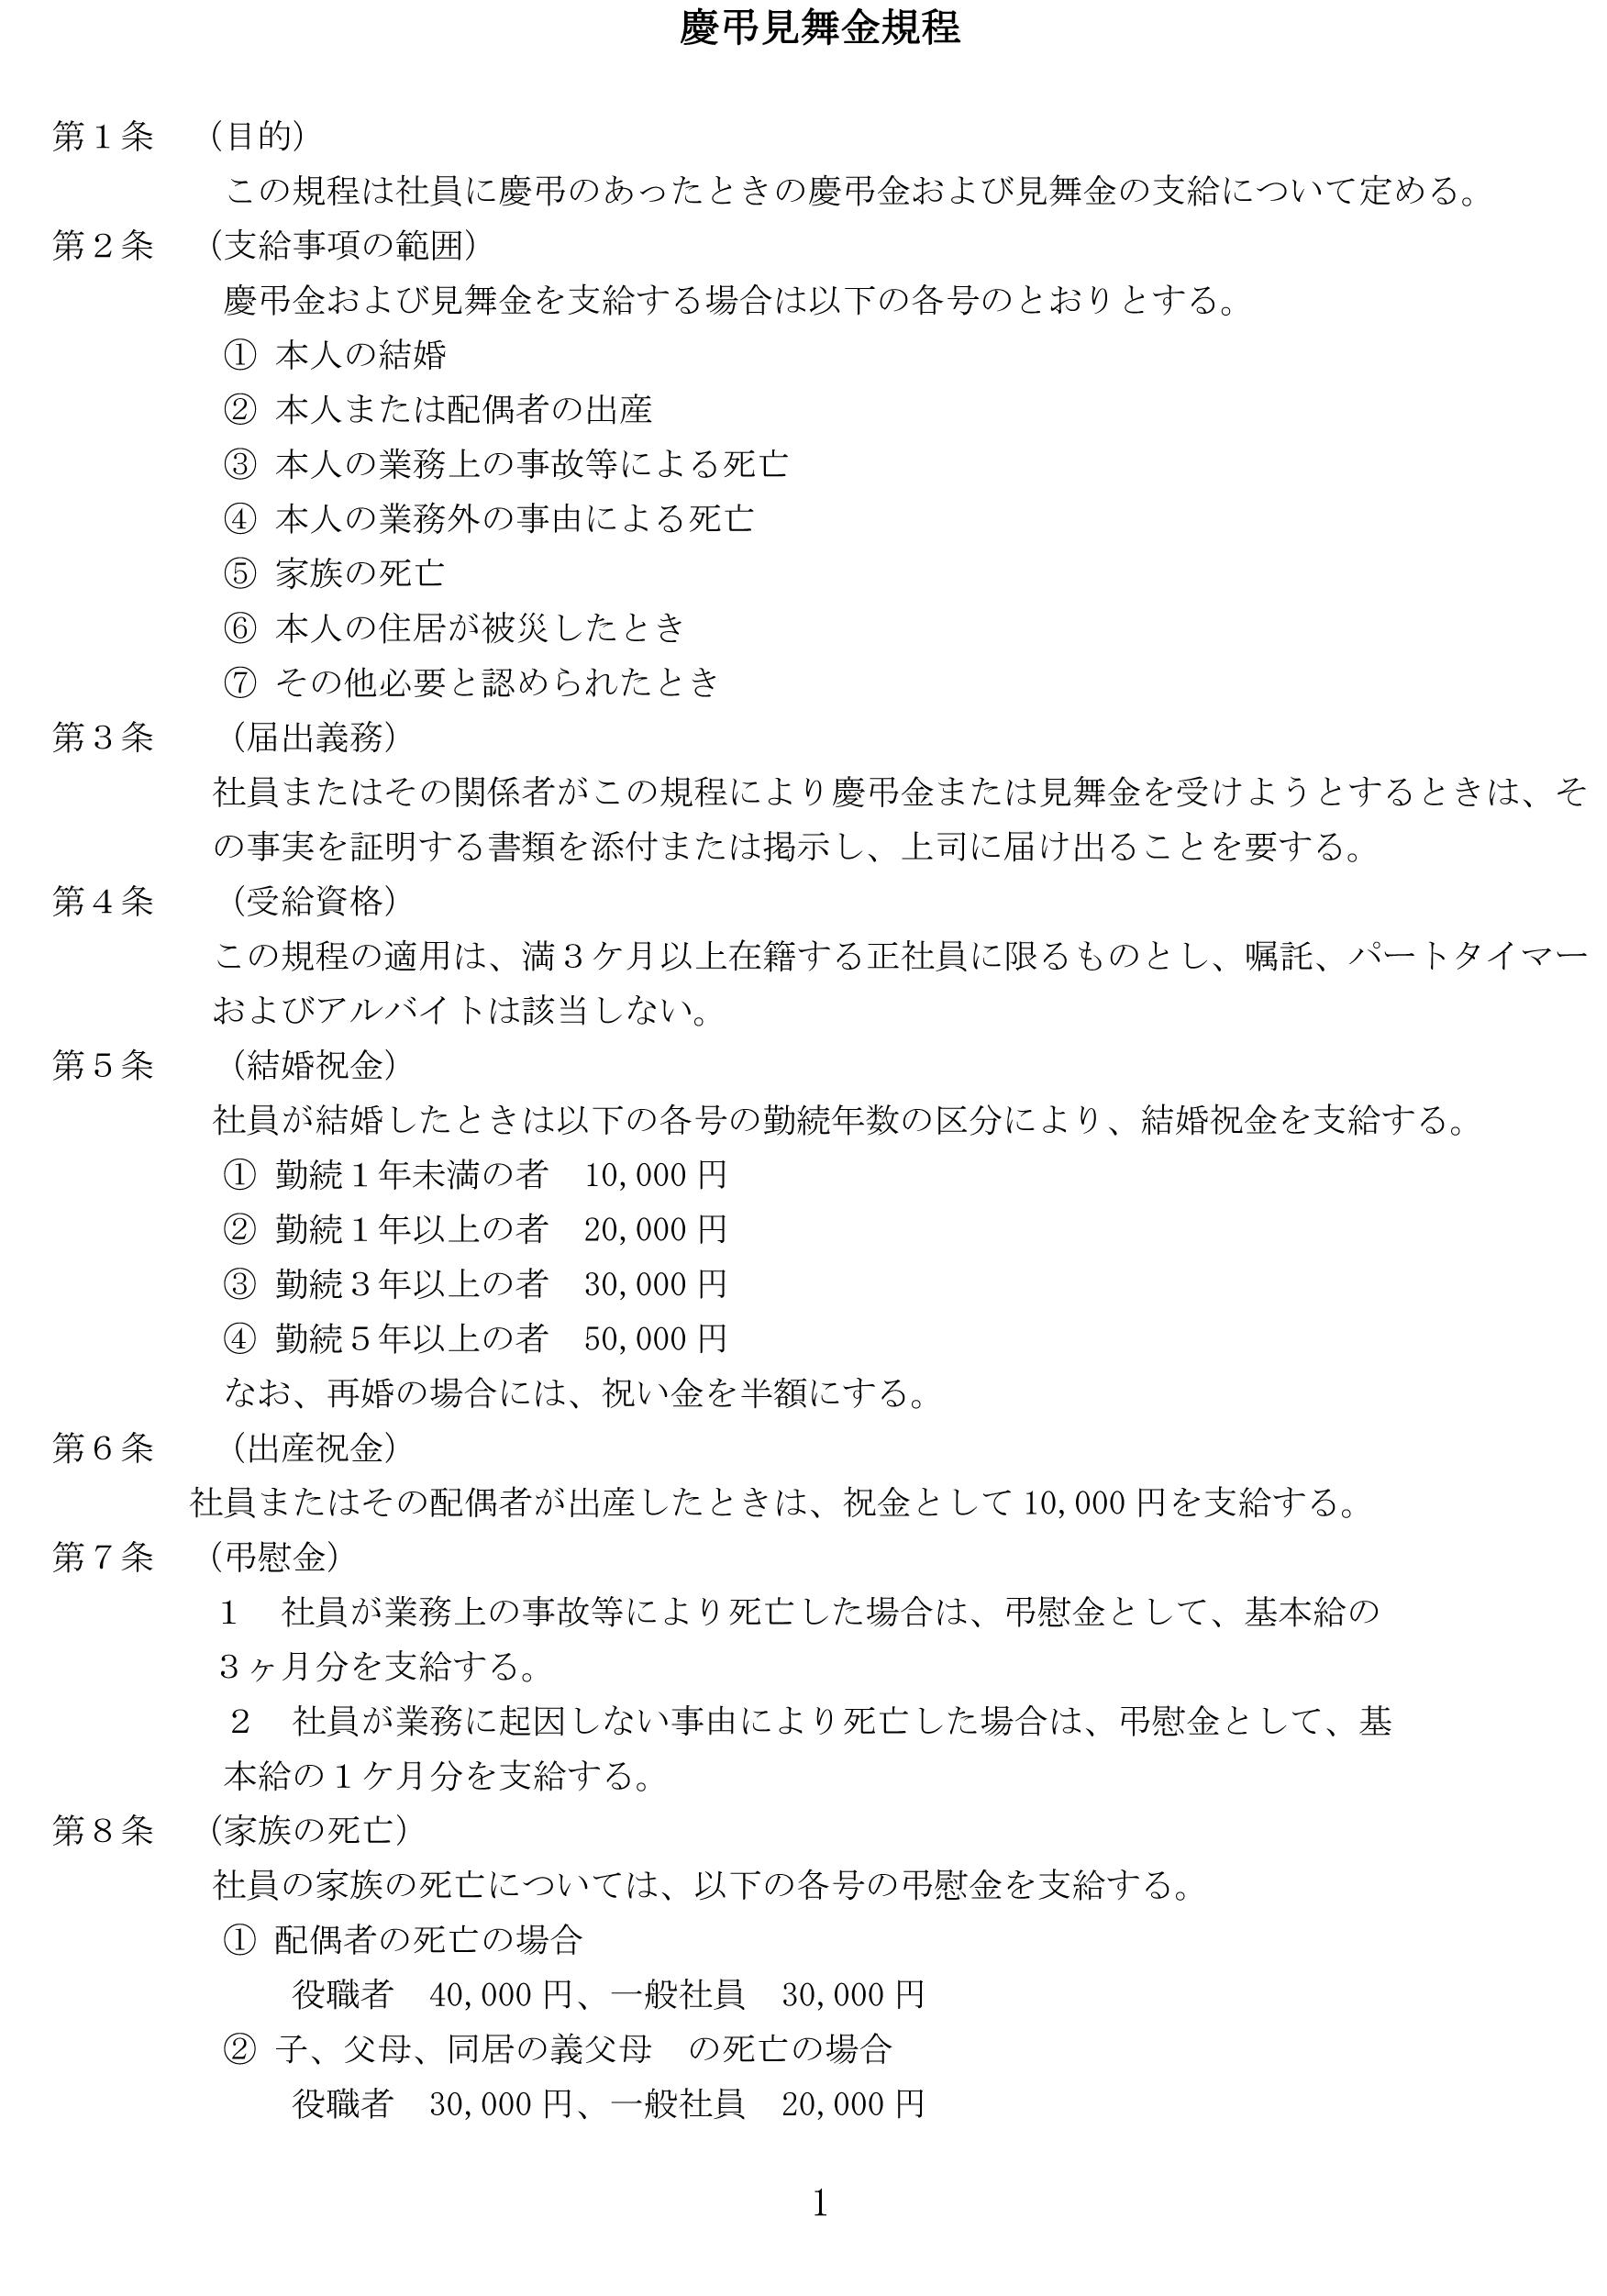 慶弔見舞金規程07